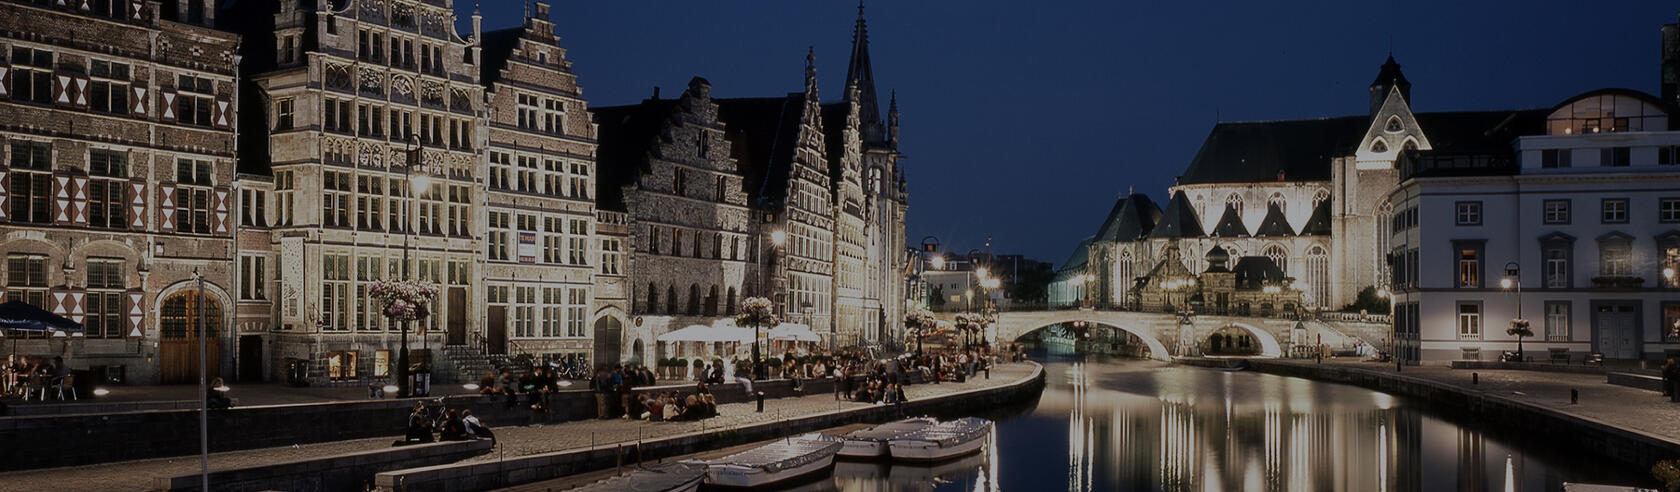 Lichtplan Gent - hero image